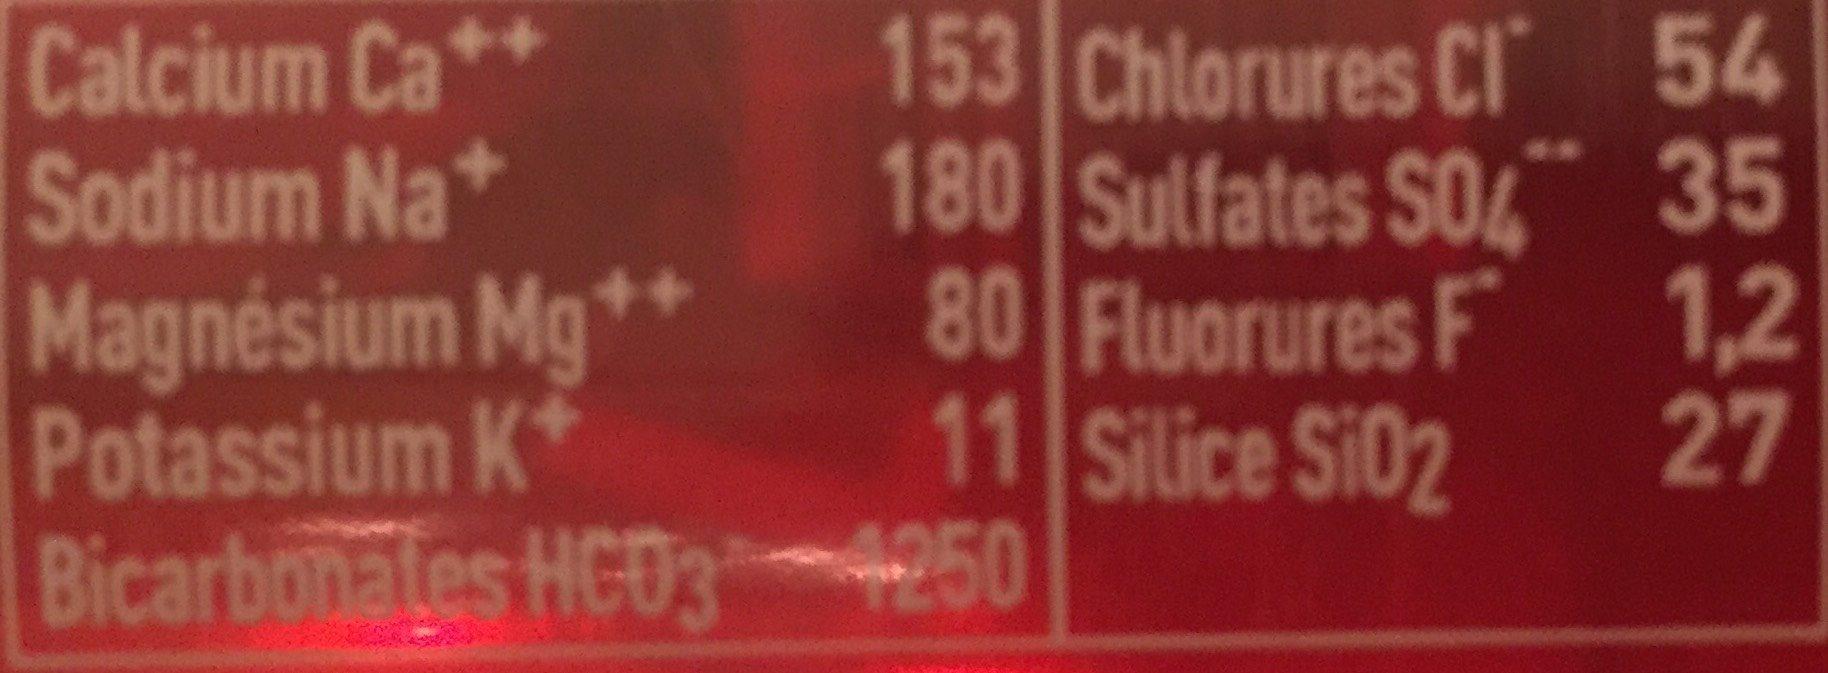 Badoit Rouge bouteille - Informations nutritionnelles - fr